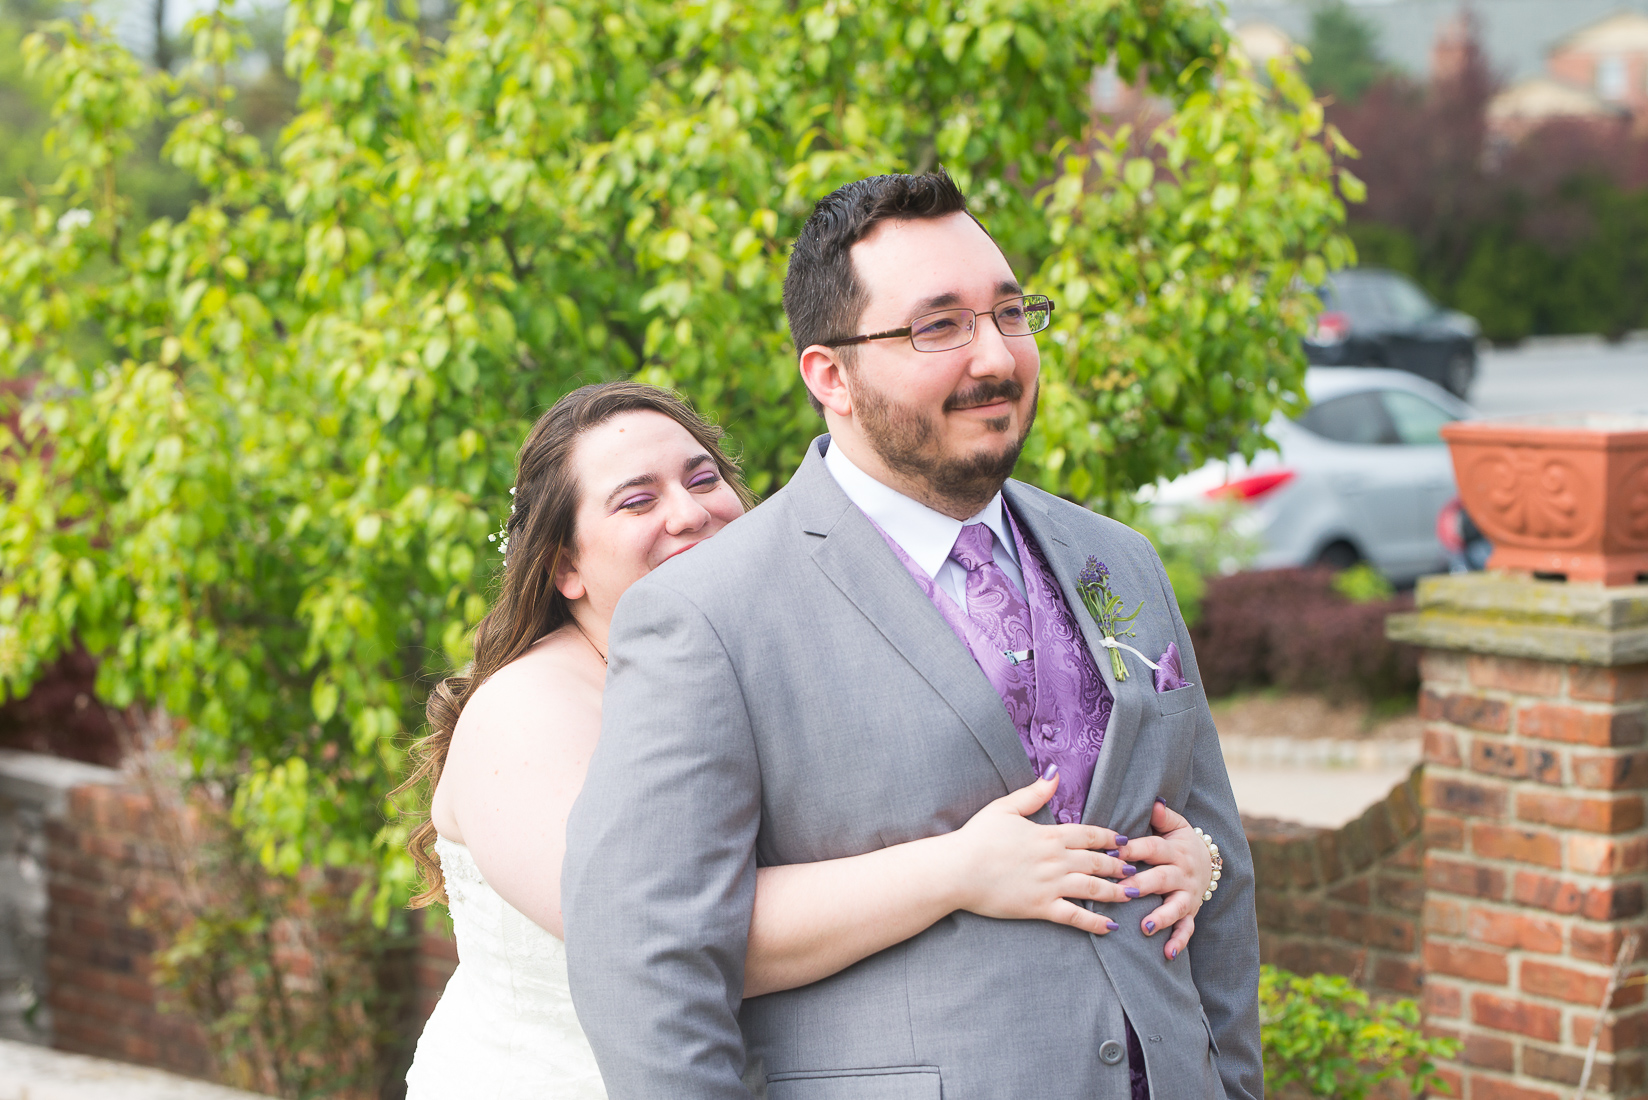 Manor-SouthOrange-NJ-wedding-0006.jpg